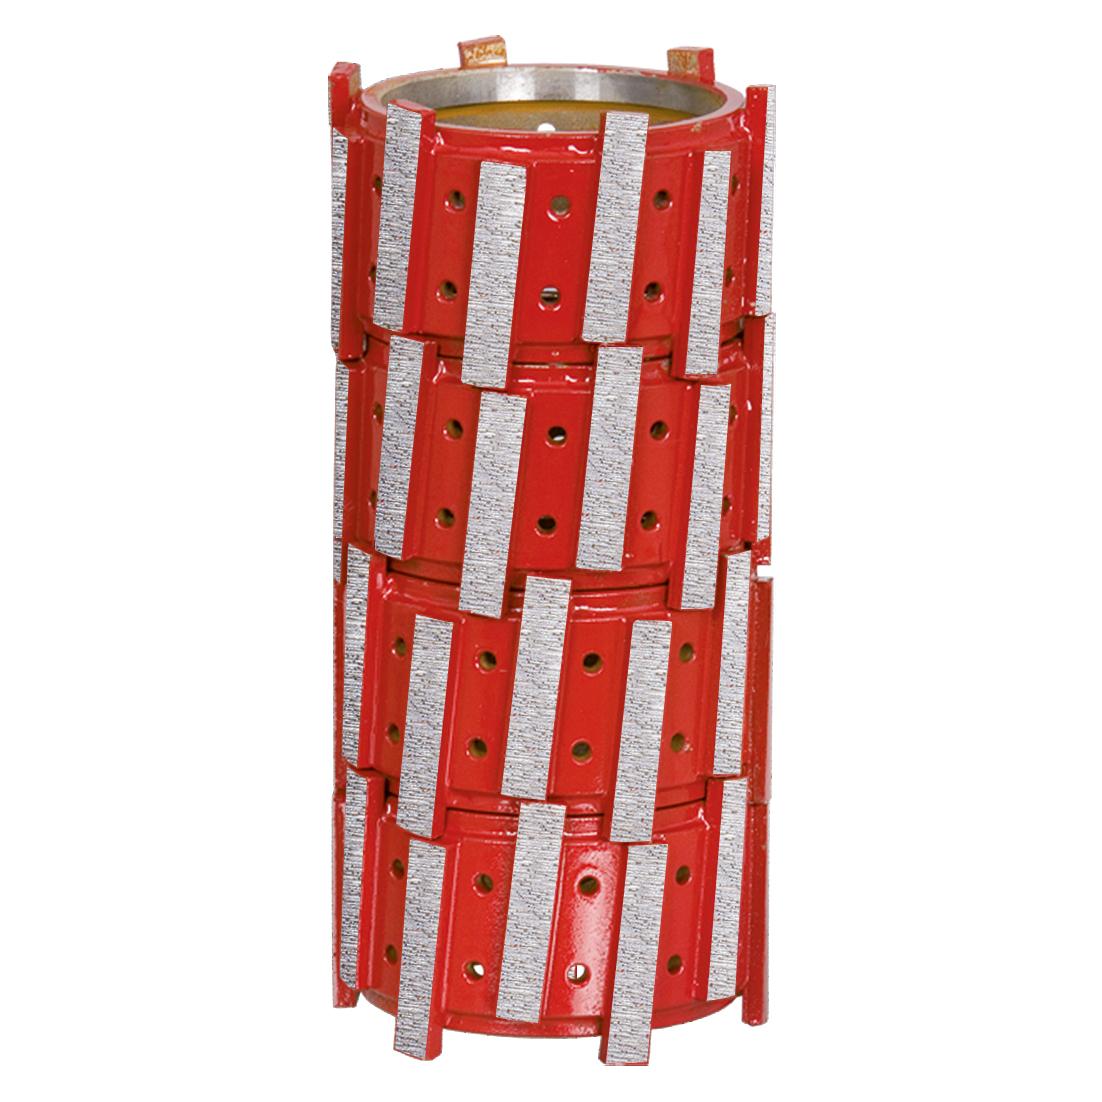 DIAREX Fräswalze ø 78 mm | Fräsbreite 43 mm | stapelbar